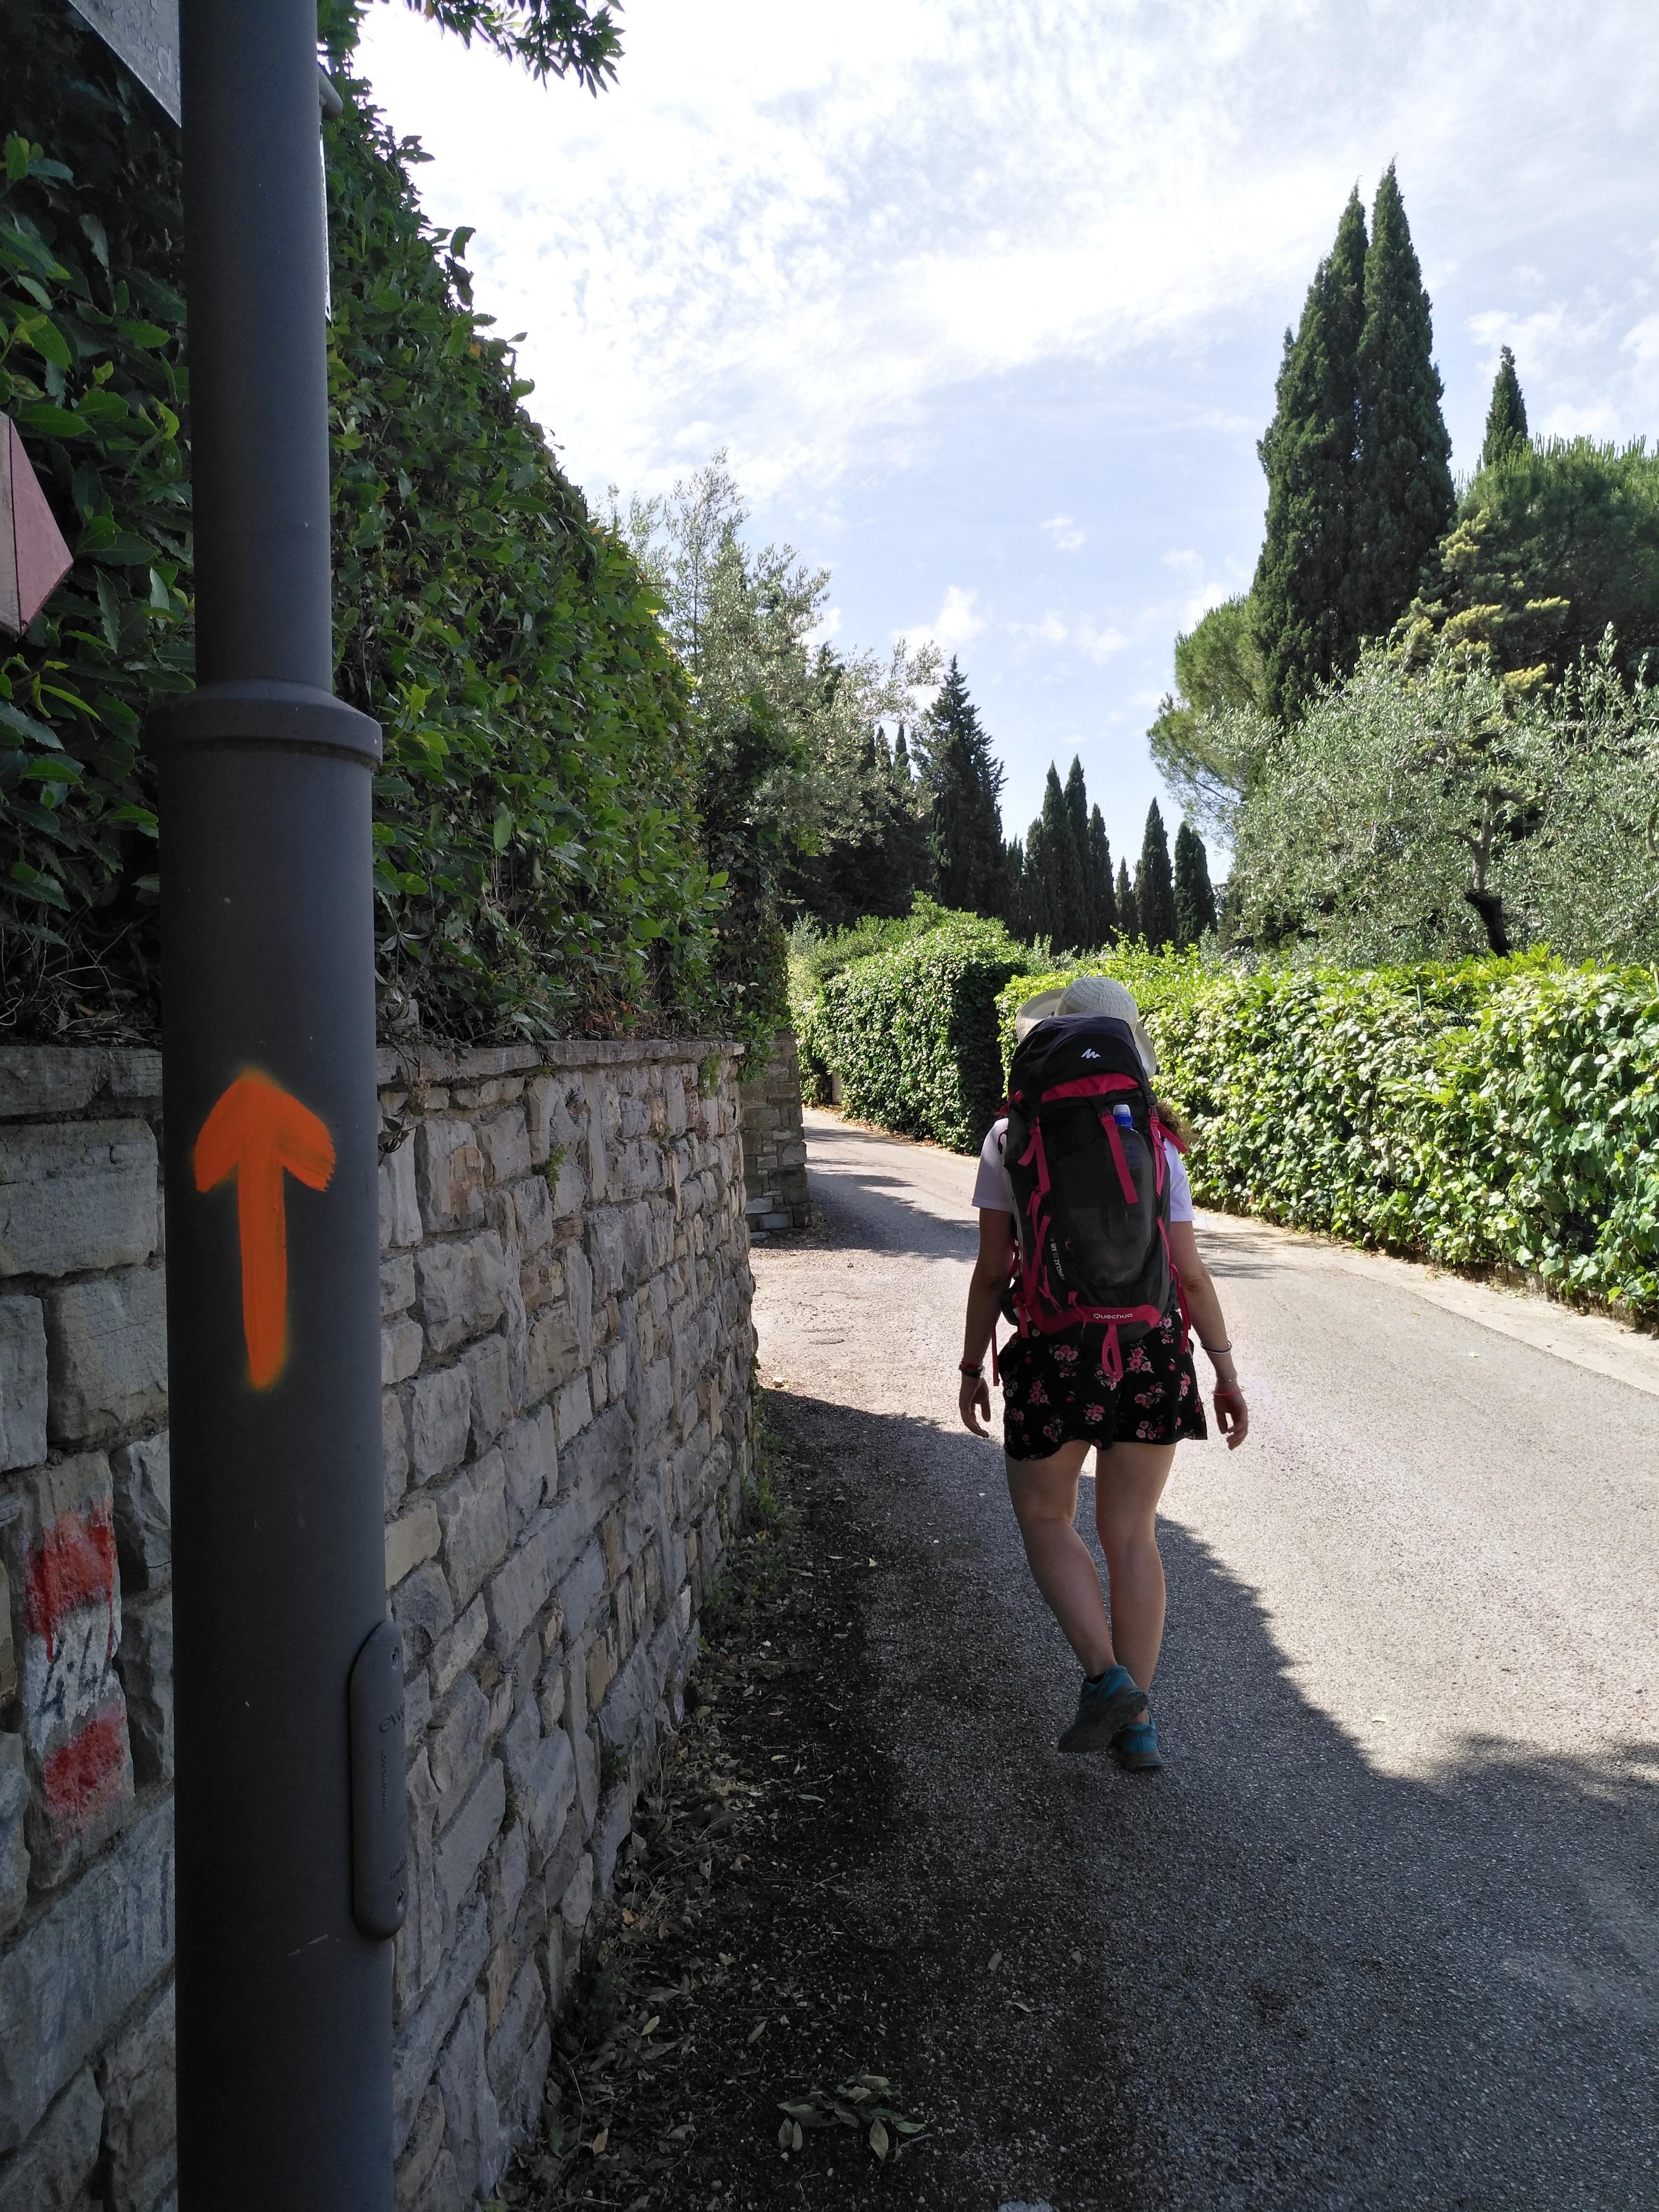 Firenze - Pieve a Pitiana, Via Ghibellina